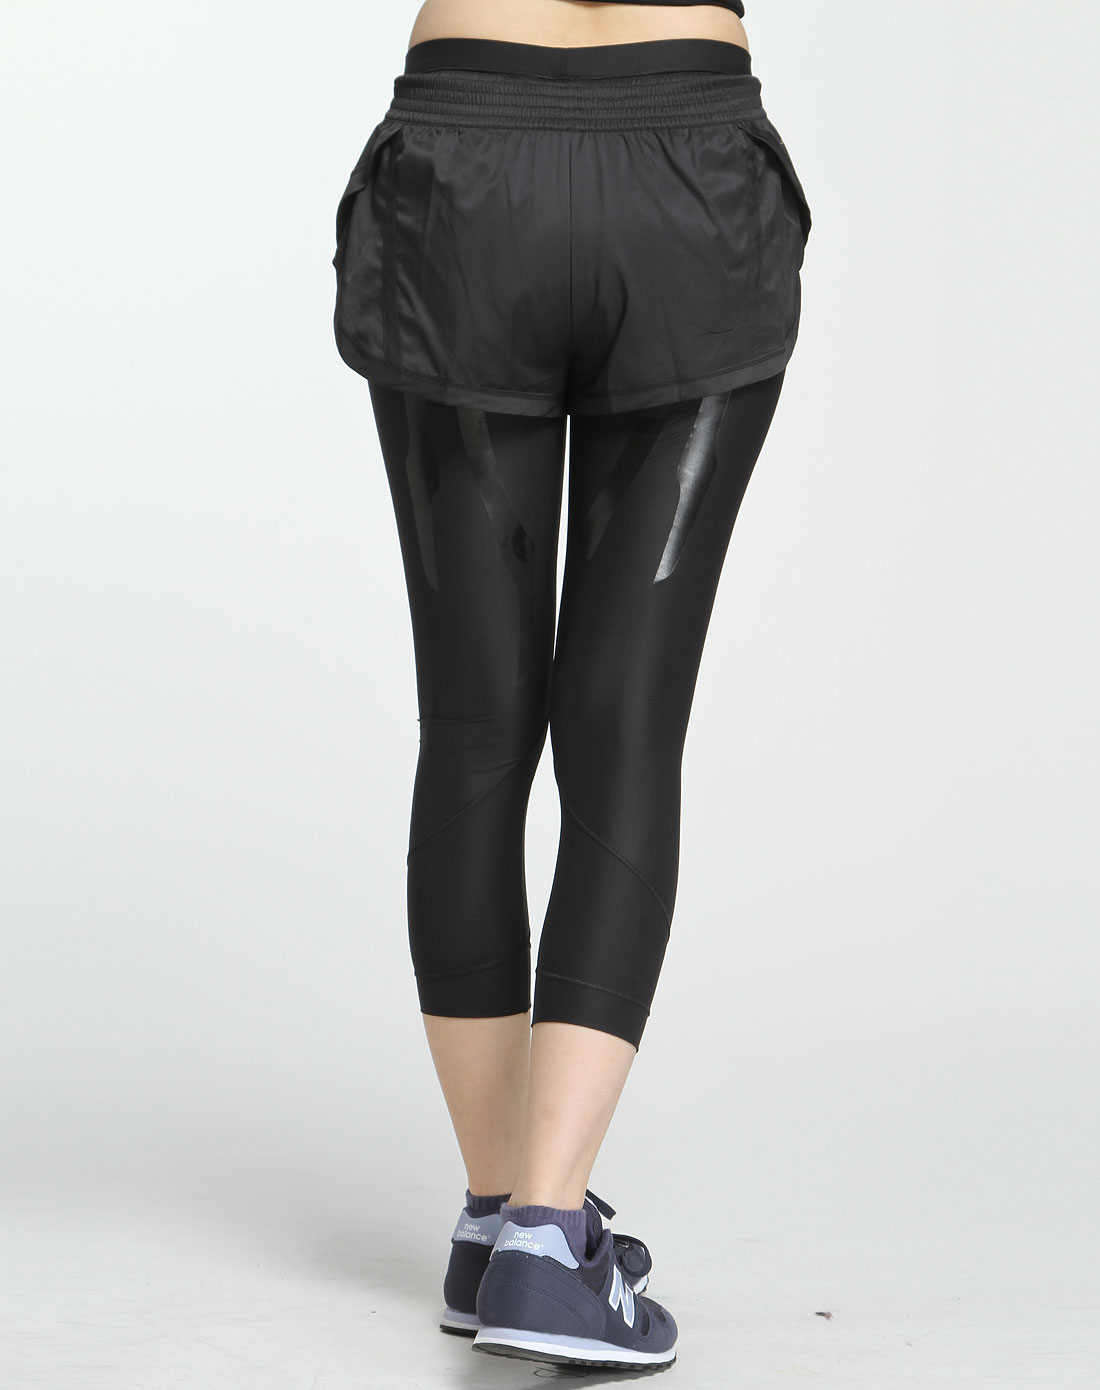 阿迪达斯adidas黑色休闲运动紧身中裤o03040